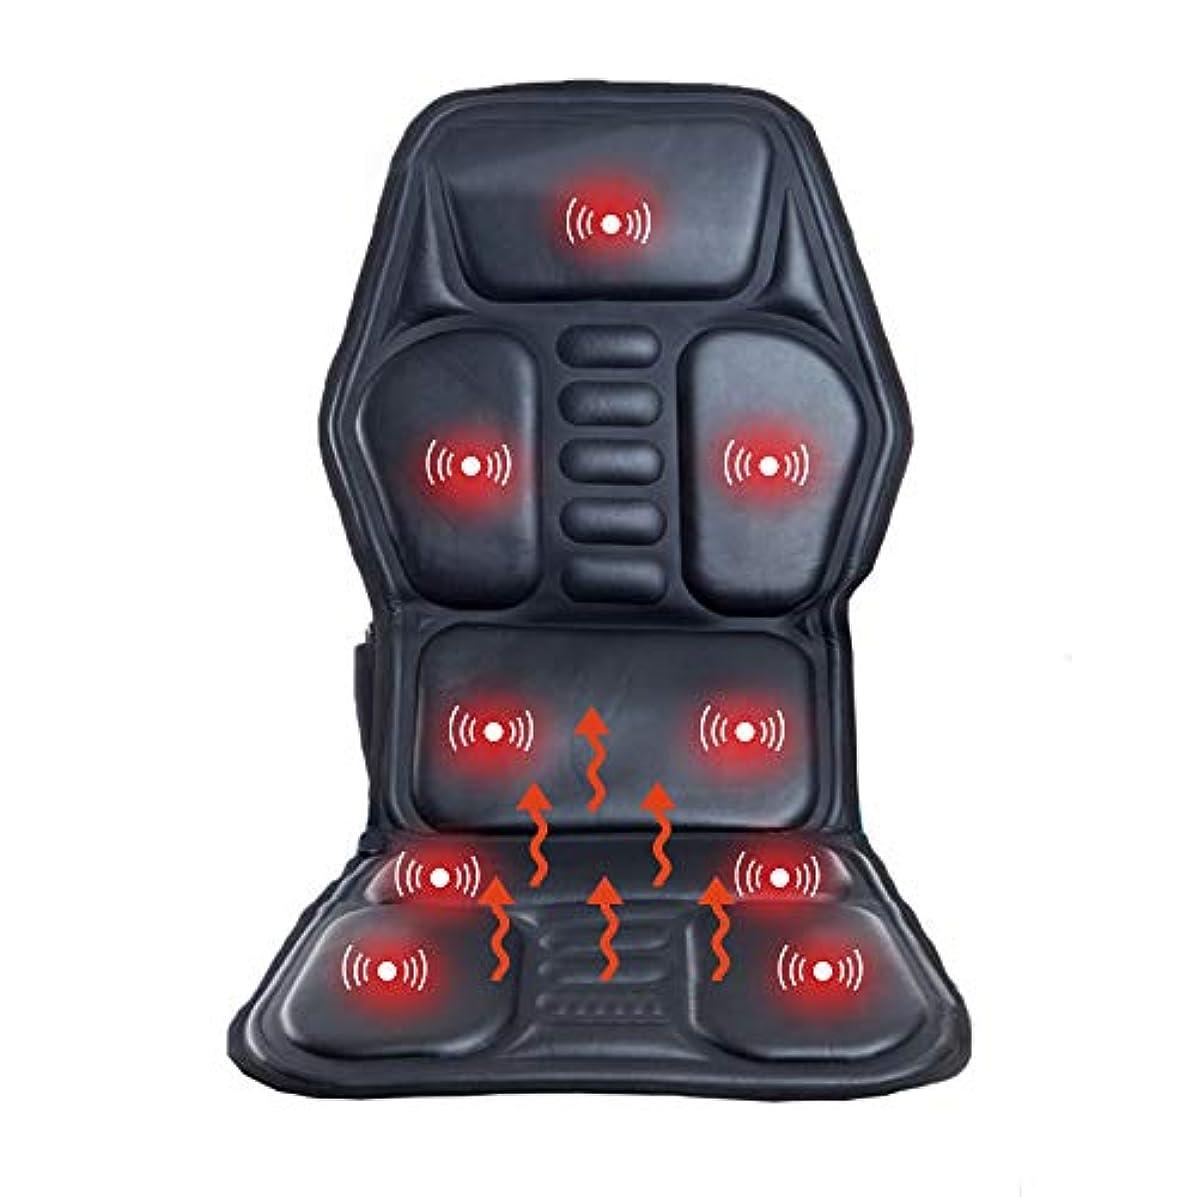 カーシートバックマッサージャー 9モーター振動 ヒートチェアパッド 8つのモード 車のホームオフィスチェアのための